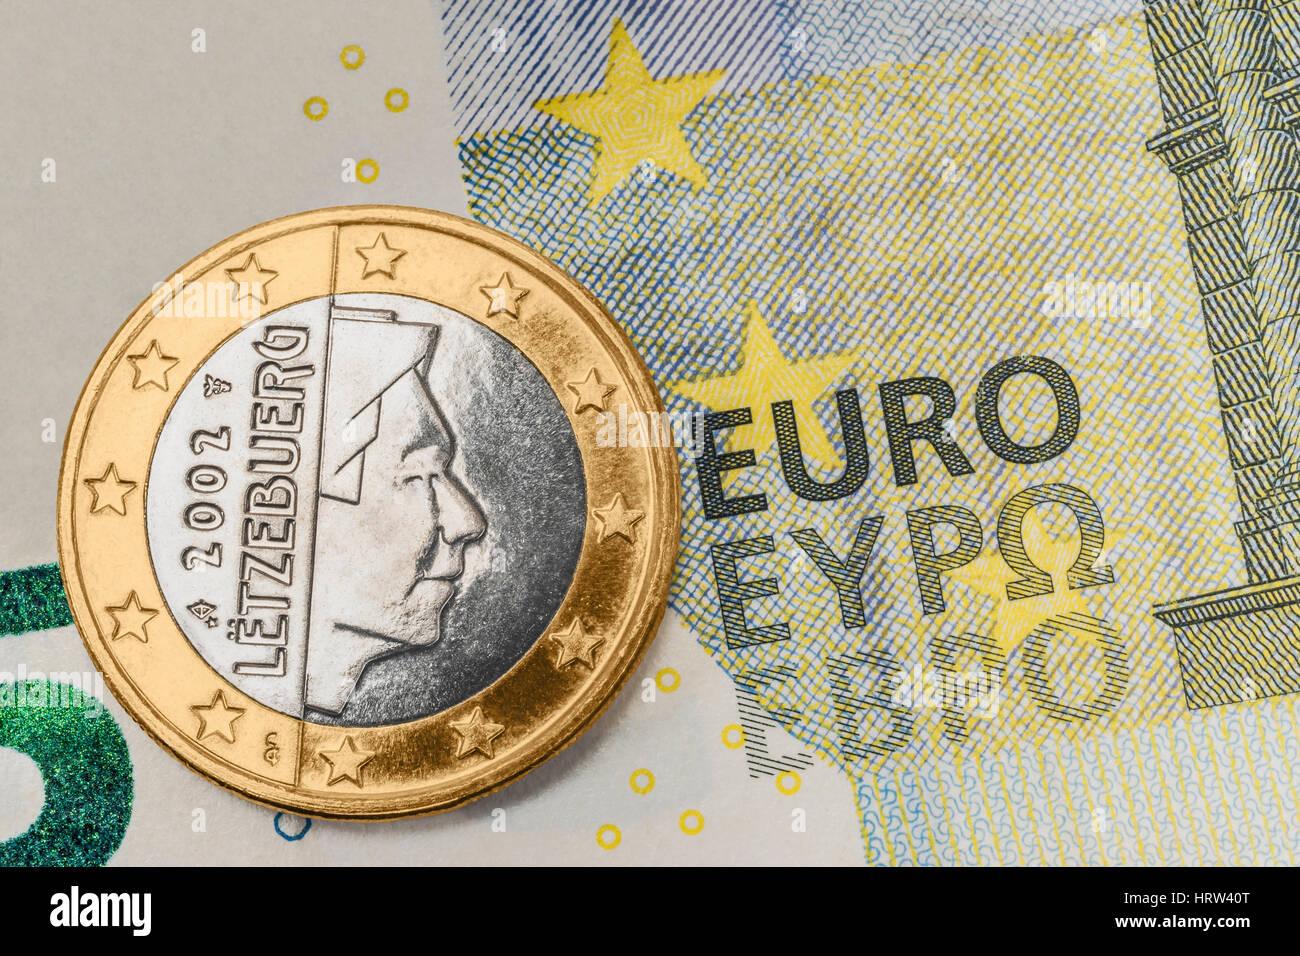 Eine 1 Euro Münze Aus Luxemburg Auf Einer 5 Euro Banknote Stockfoto